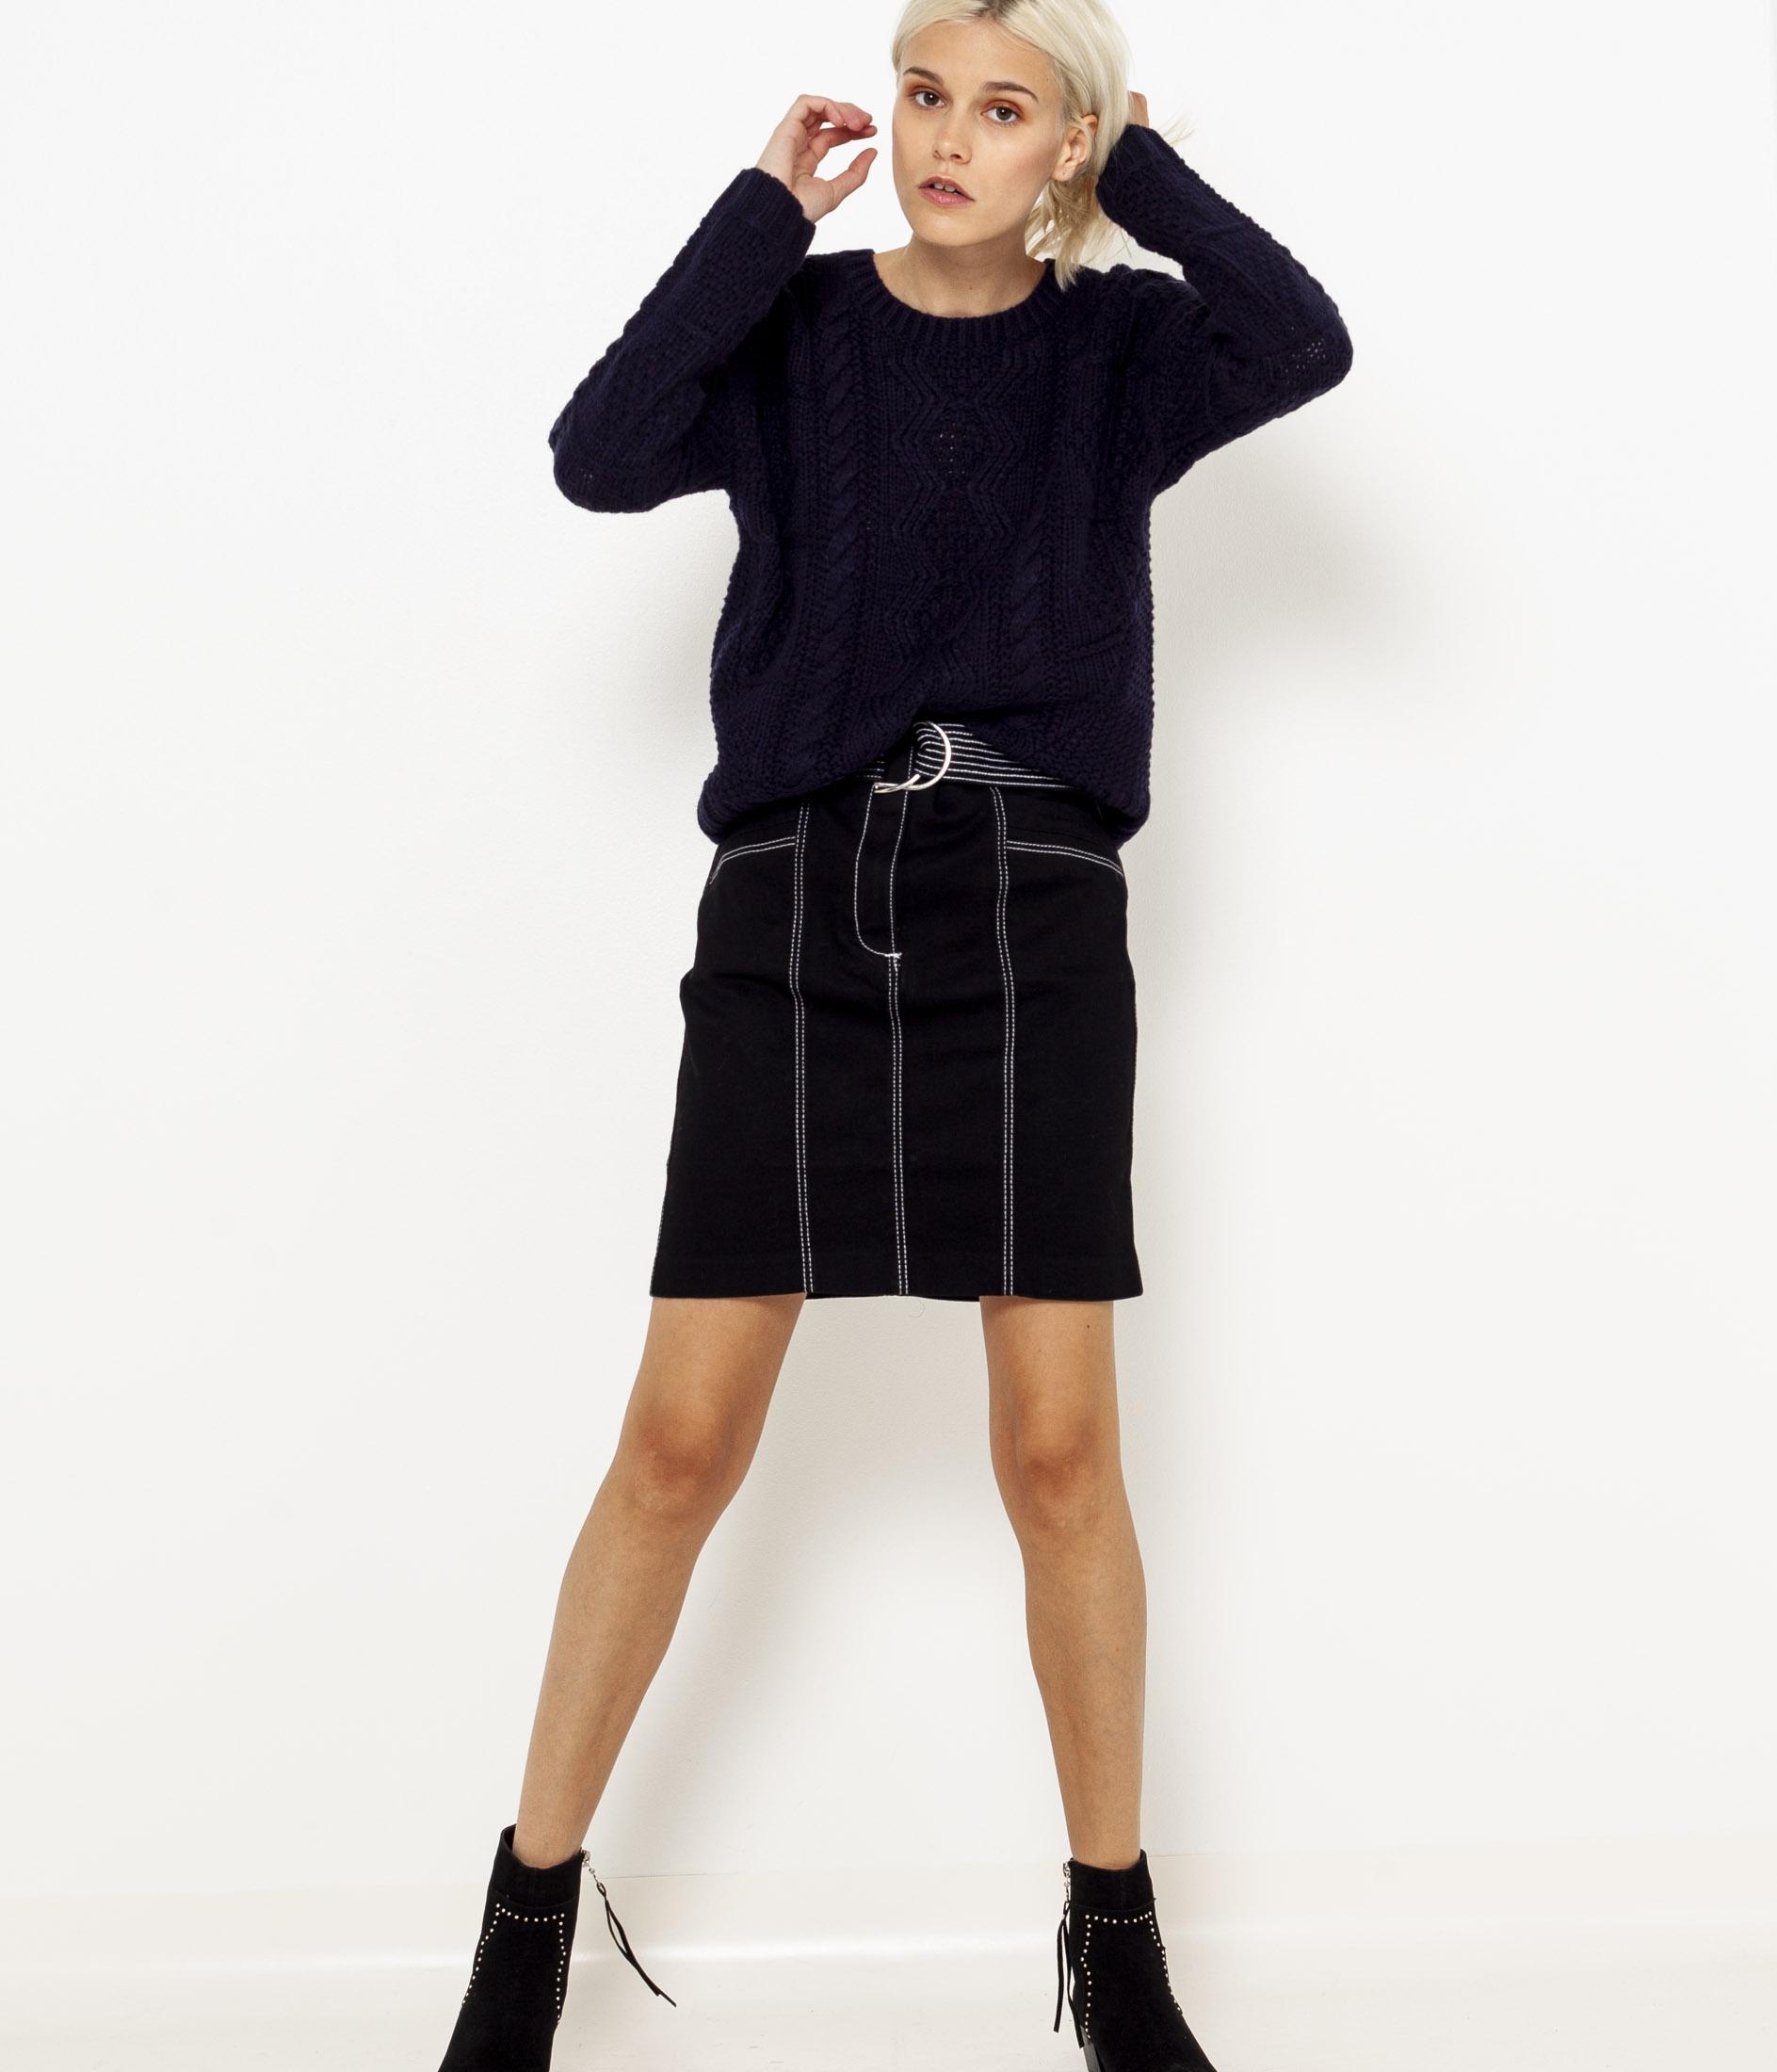 Jupe Taille Droite Camaïeu Femme Haute O8wknP0